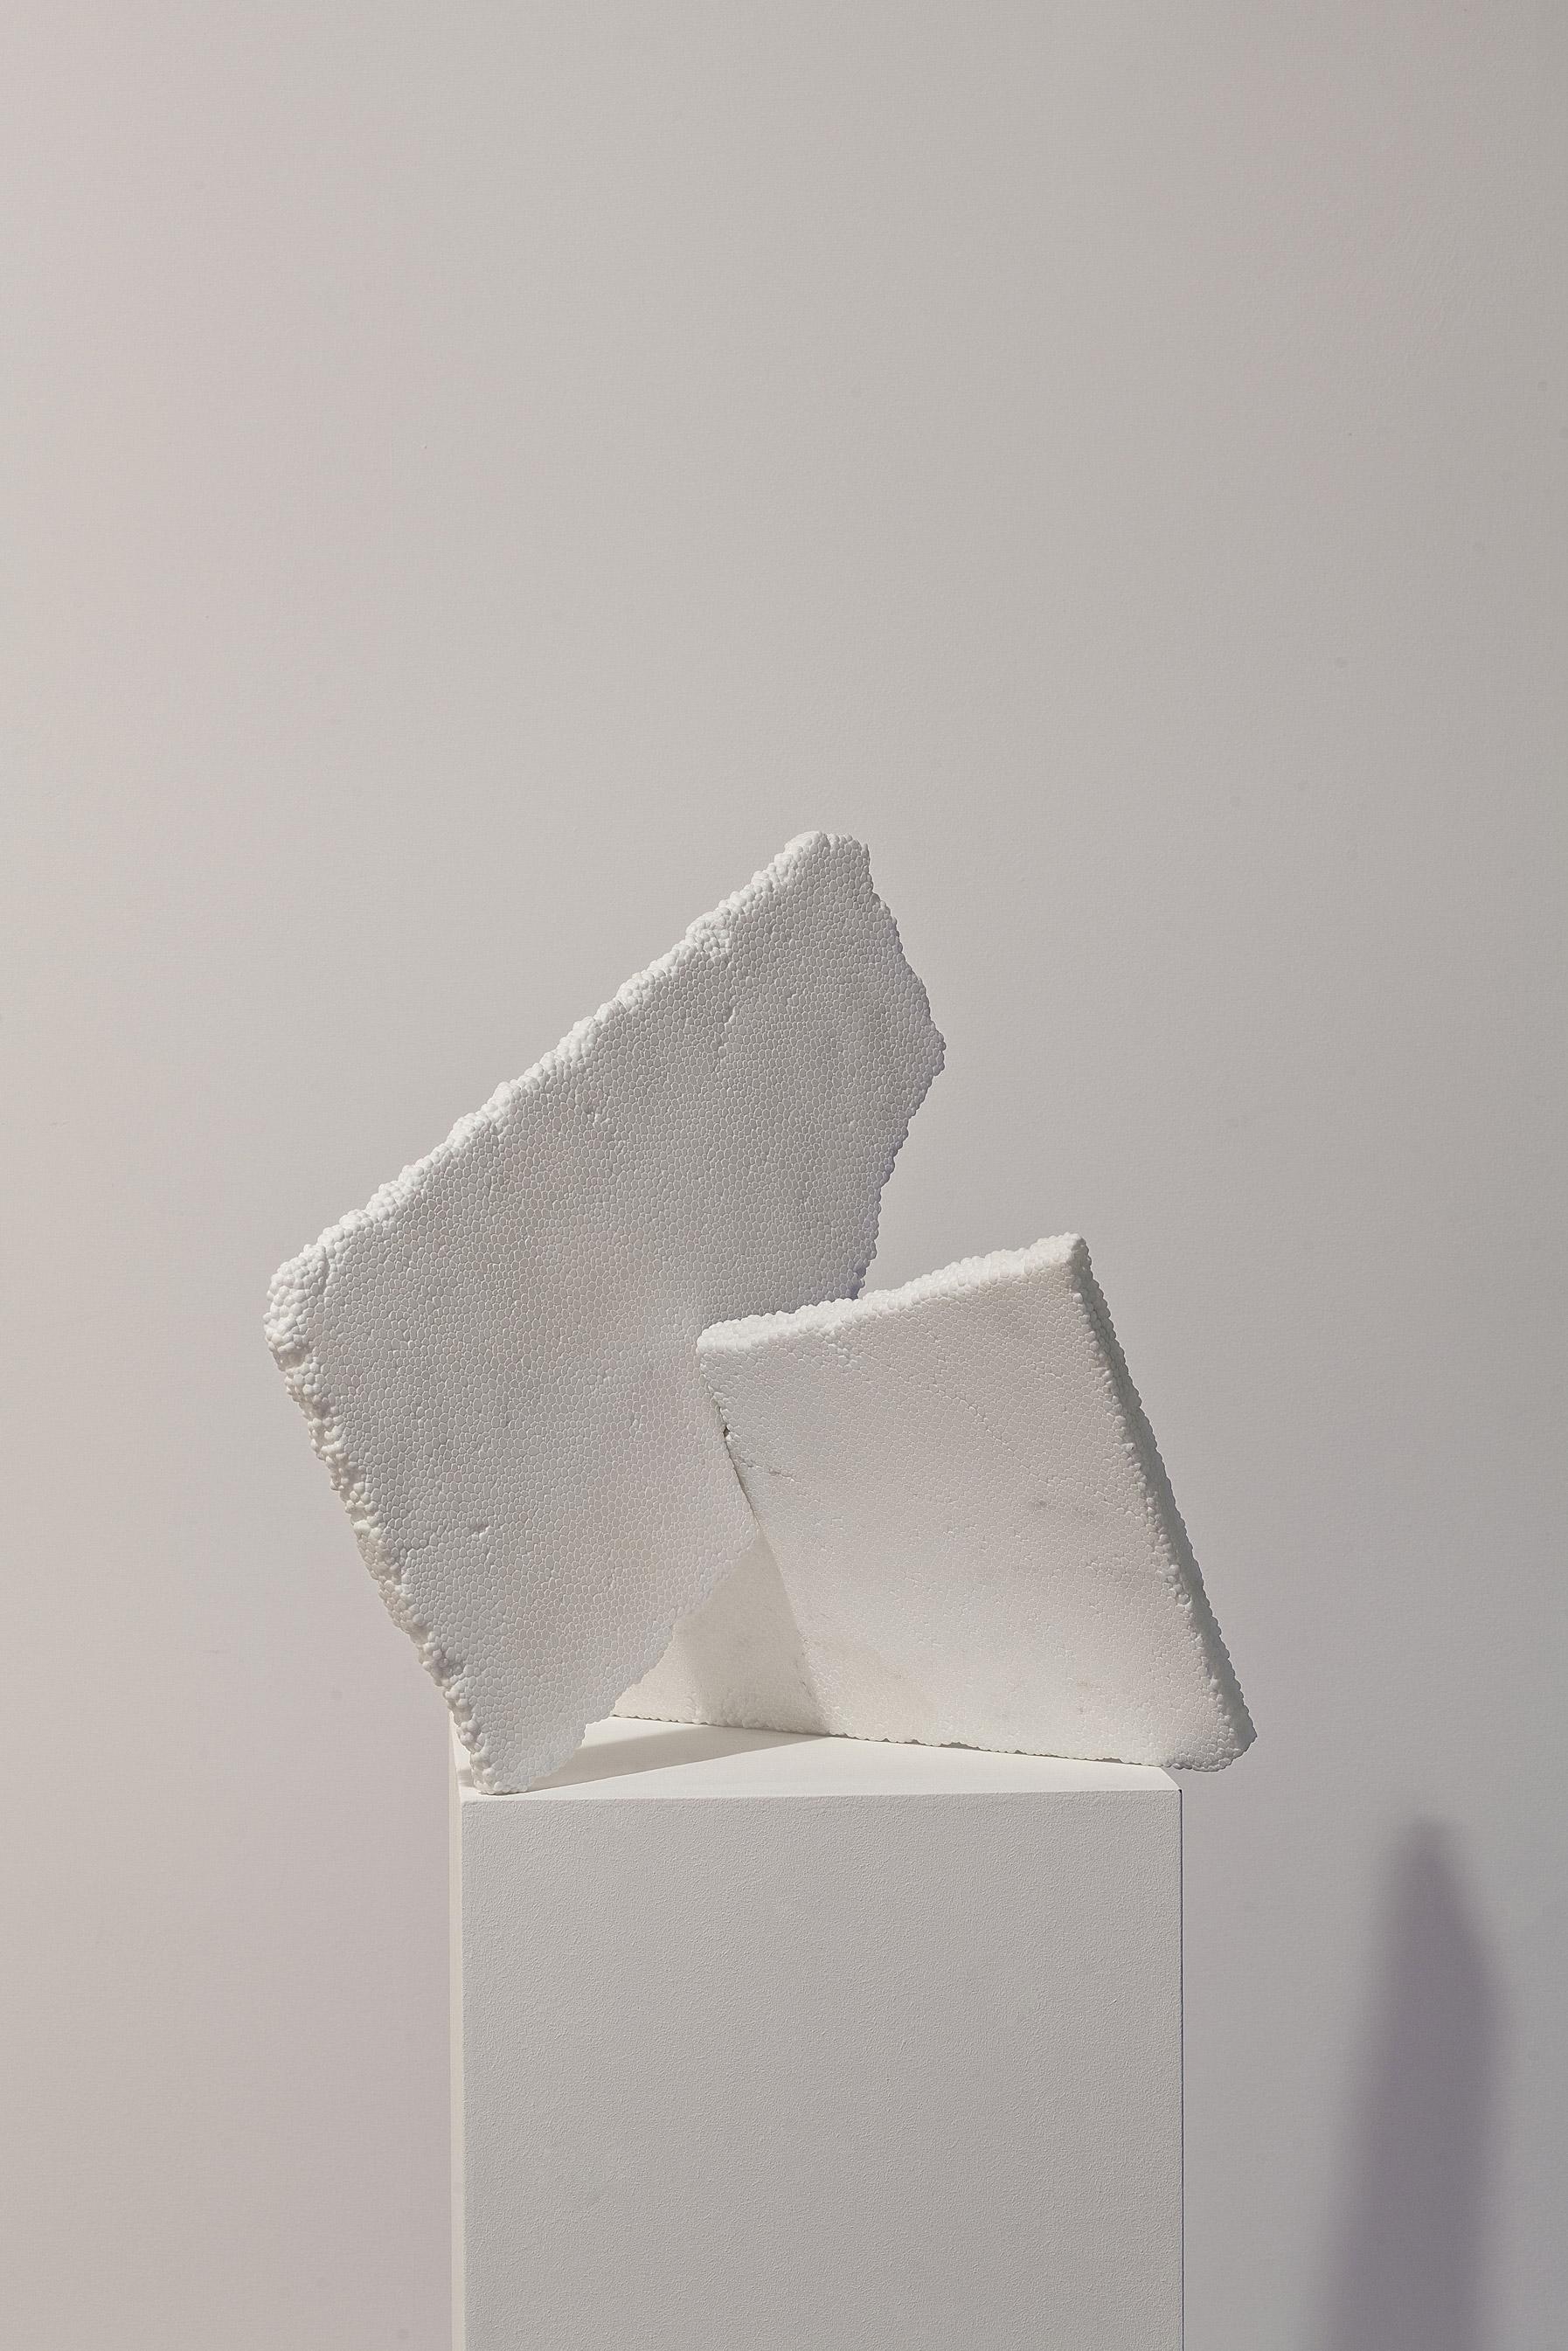 styrofoam fabio viale marmo marble sculpture scultura art poggiali forconi